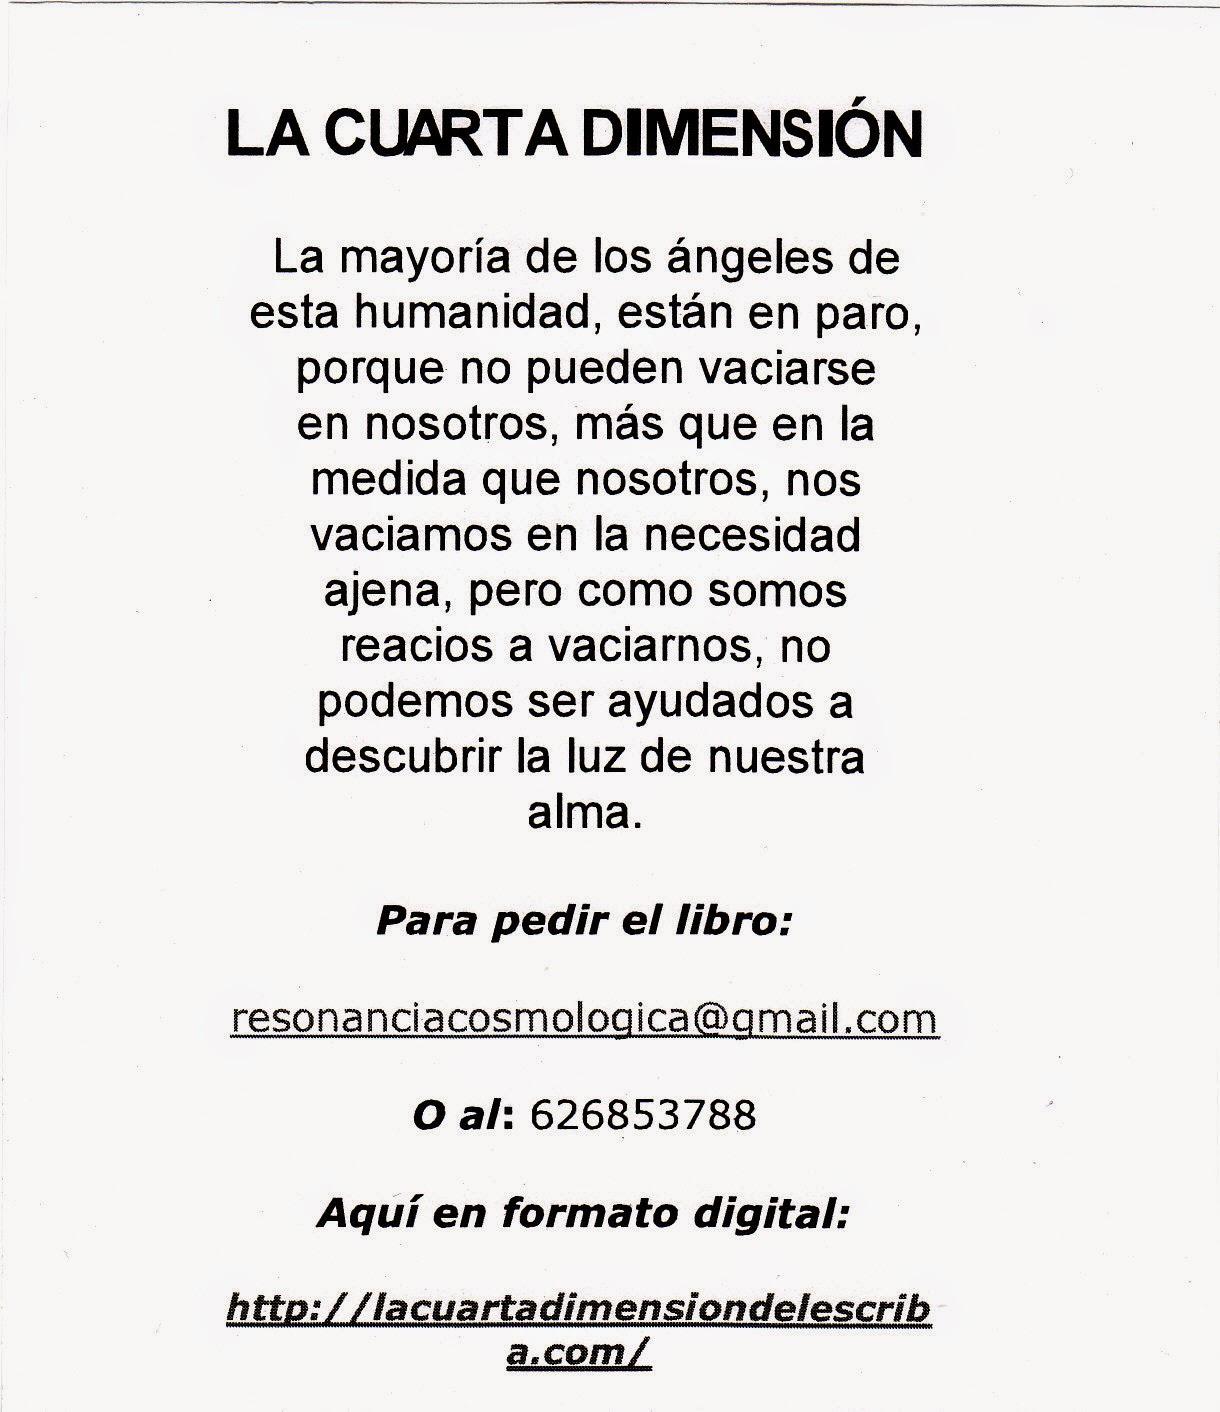 LA CUARTA DIMENSION 1